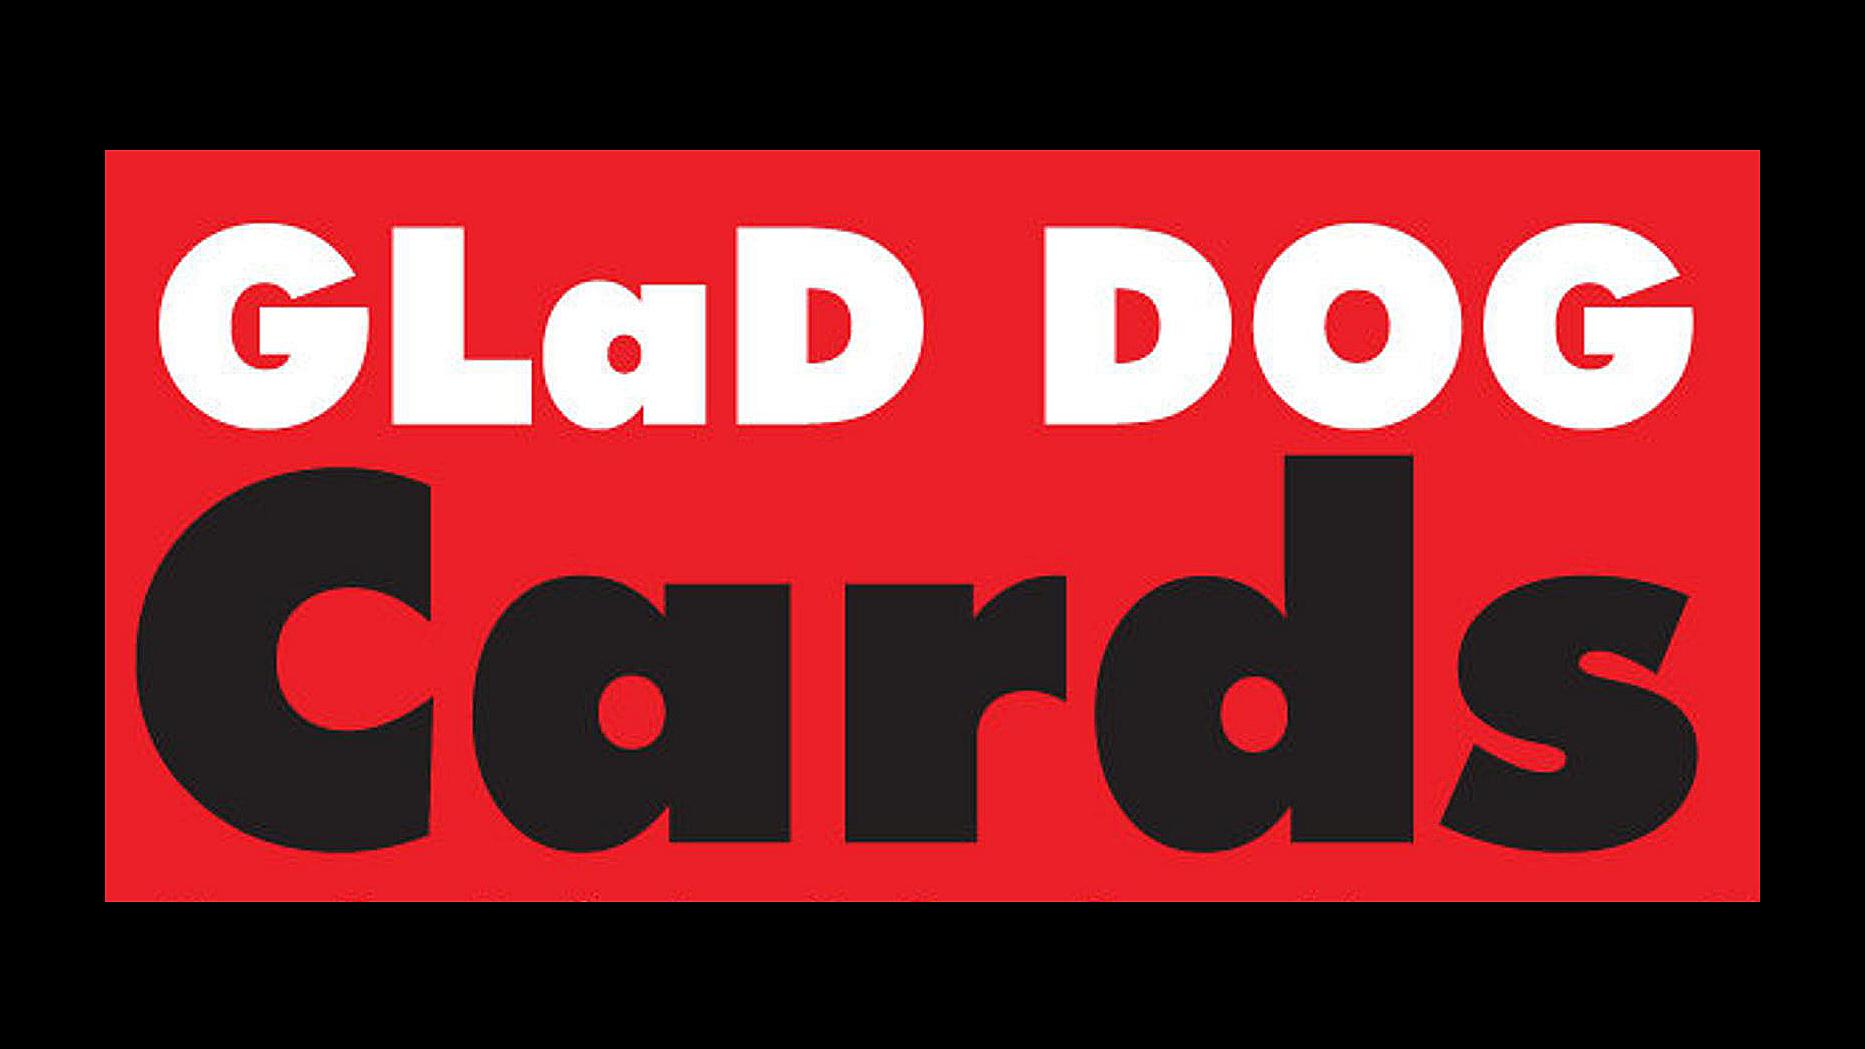 Glad Dog Cards